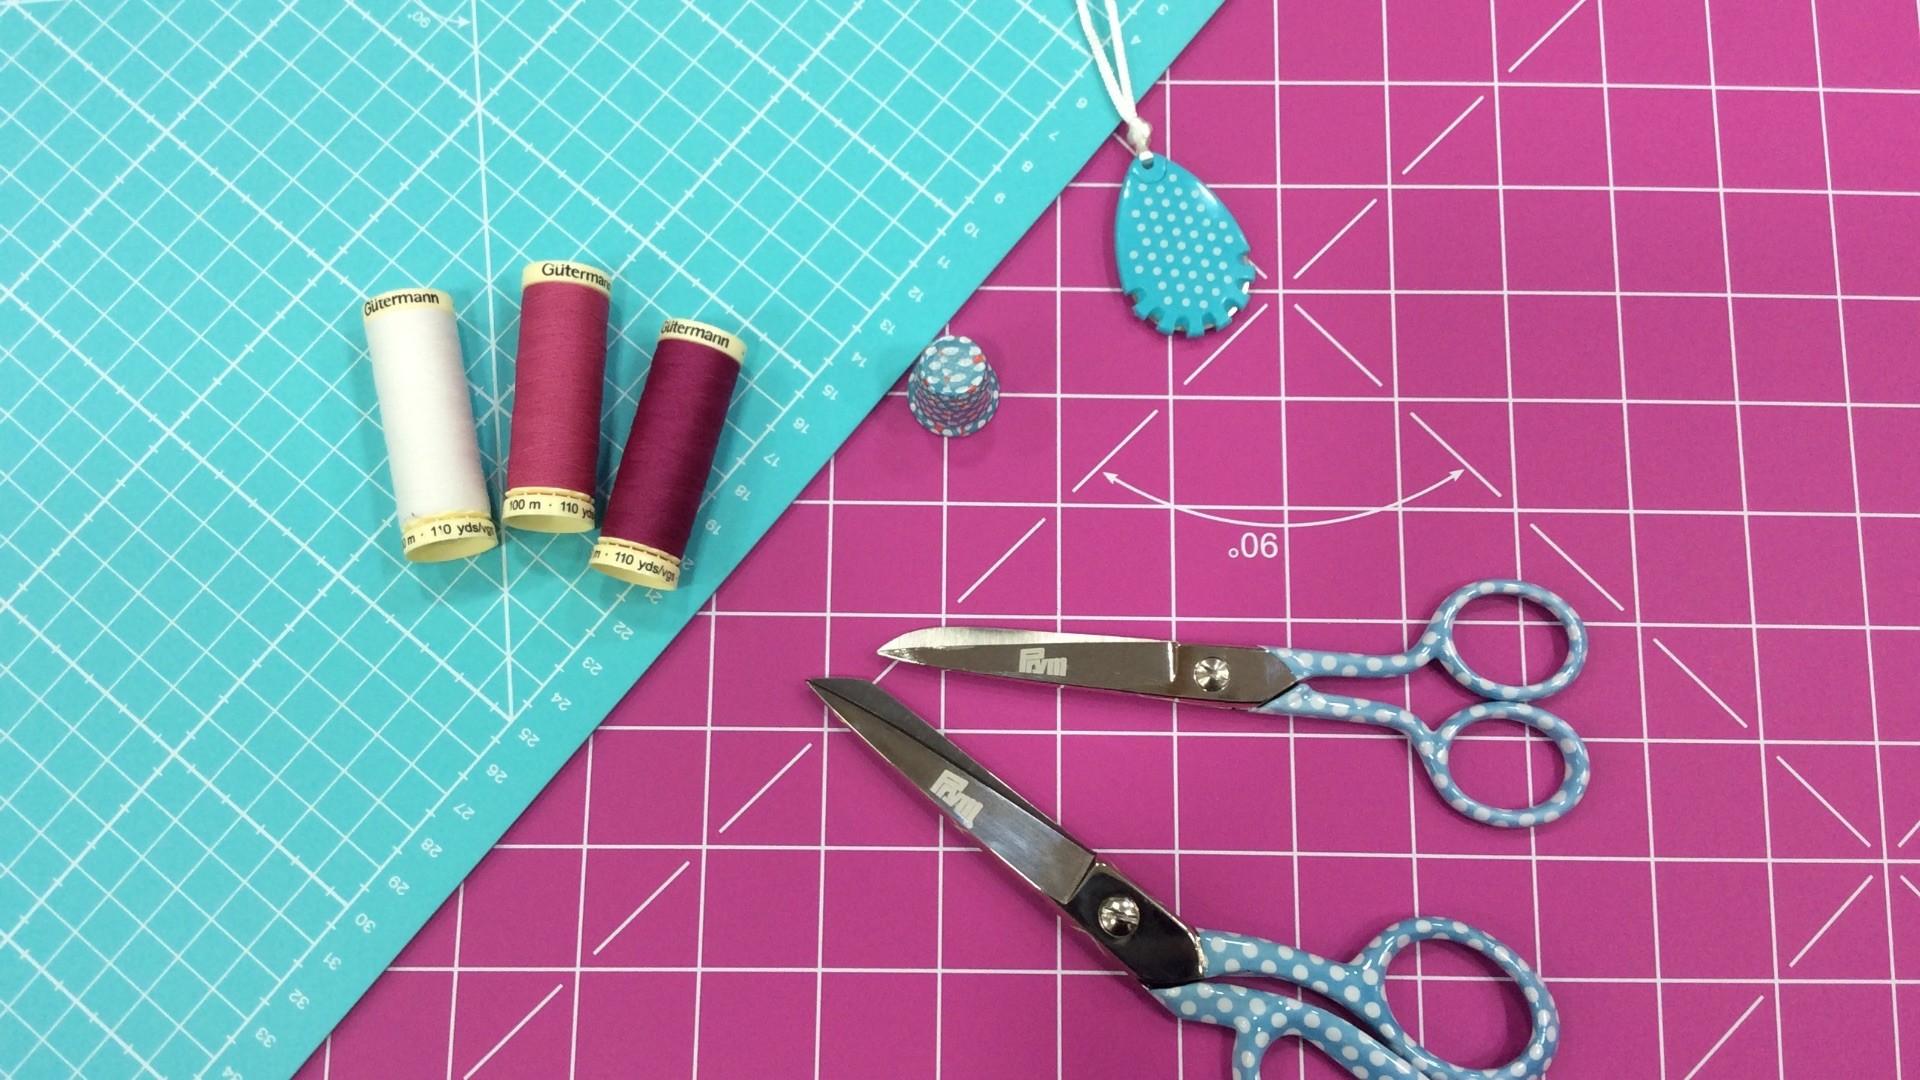 merceria el torcal - foto publicacion tabla de corte y tijeras rosa y azul 1